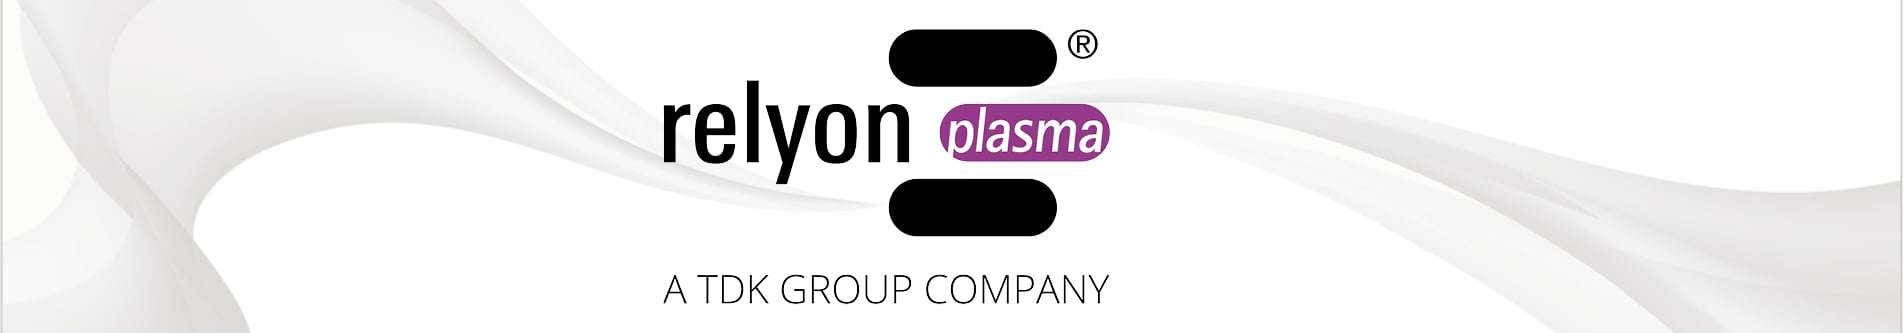 relyon plasma GmbH - Unser Unternehmen